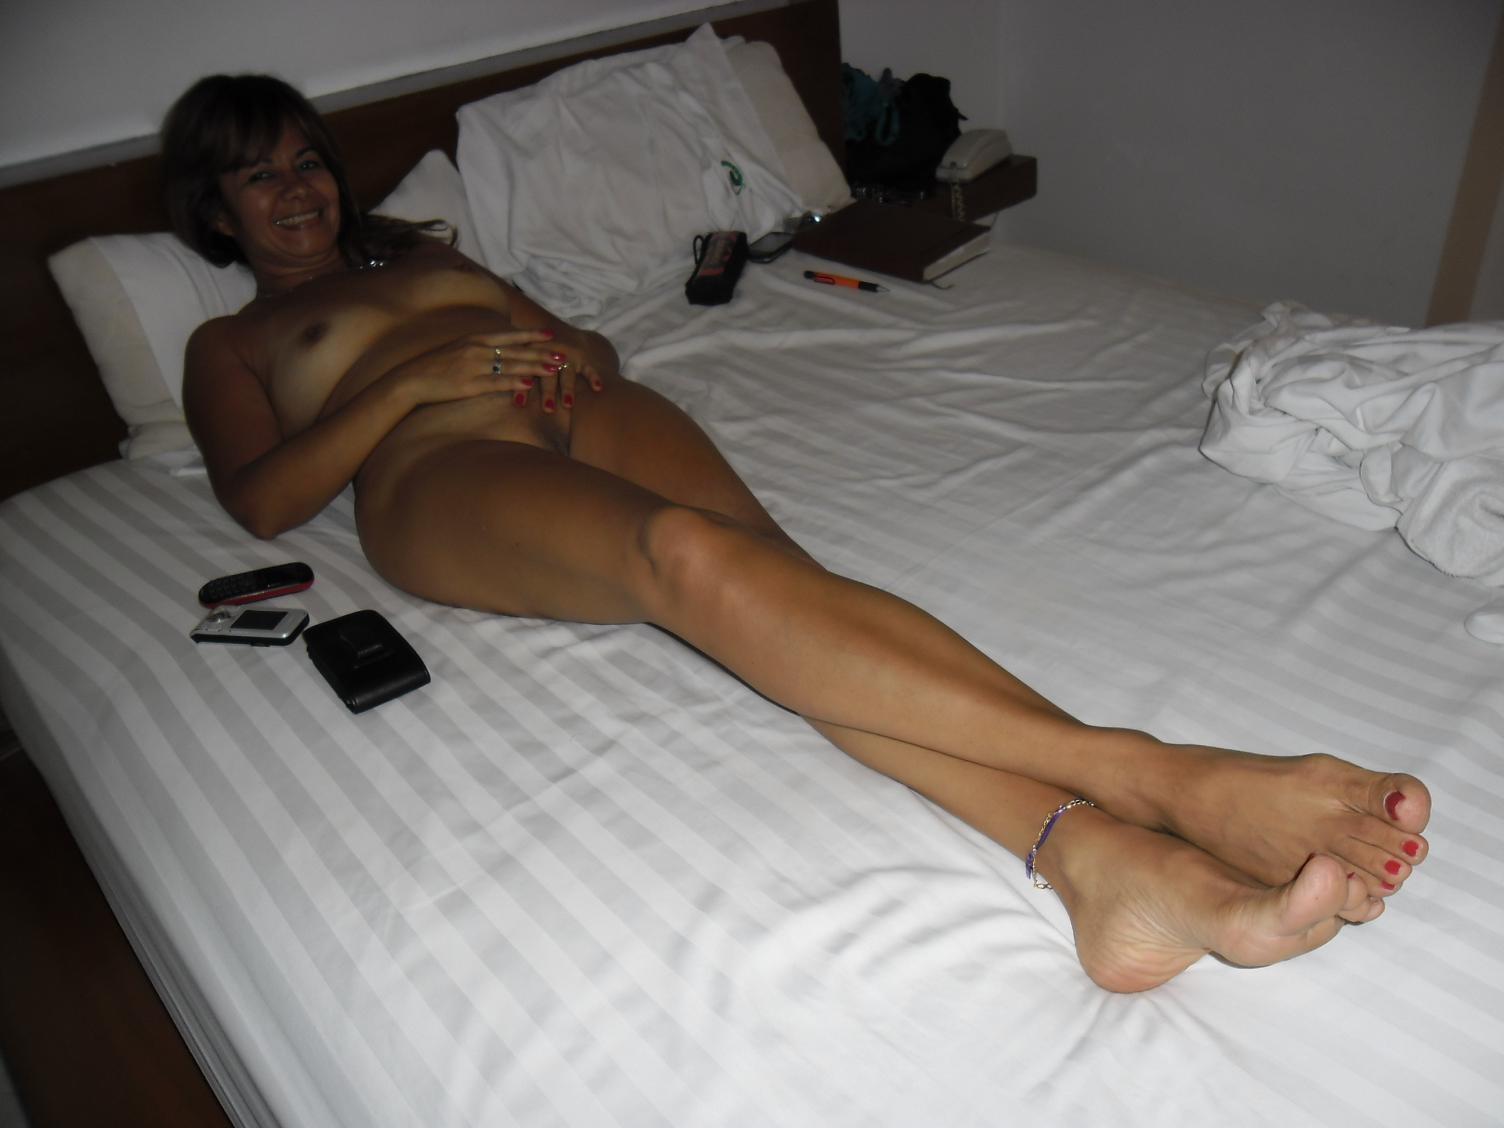 Голенькая длинноногая бабенка лежит на кроватке и показывает тело